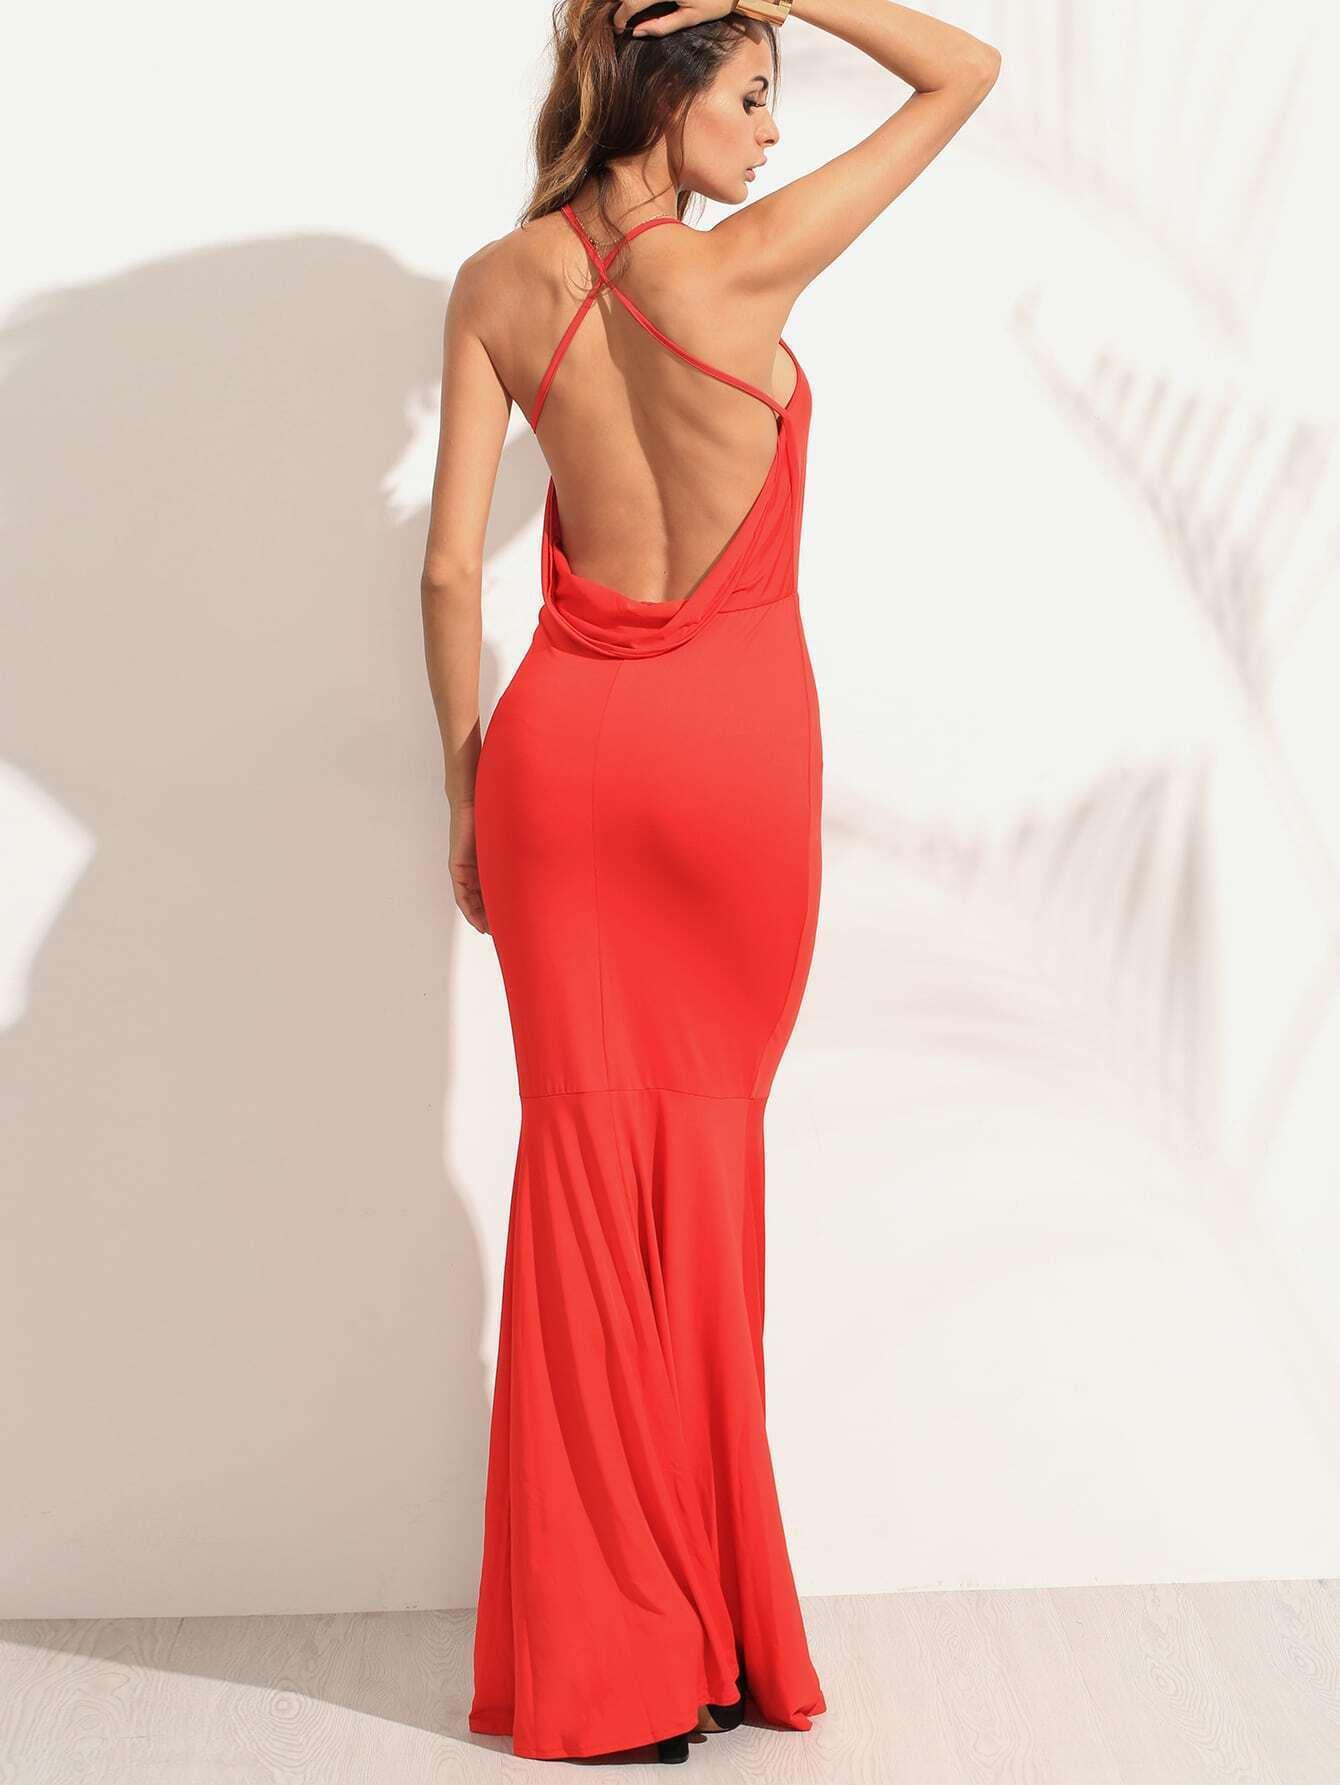 Robe fishtail crois au dos sans manche rouge french romwe for Interieur paupiere inferieure rouge